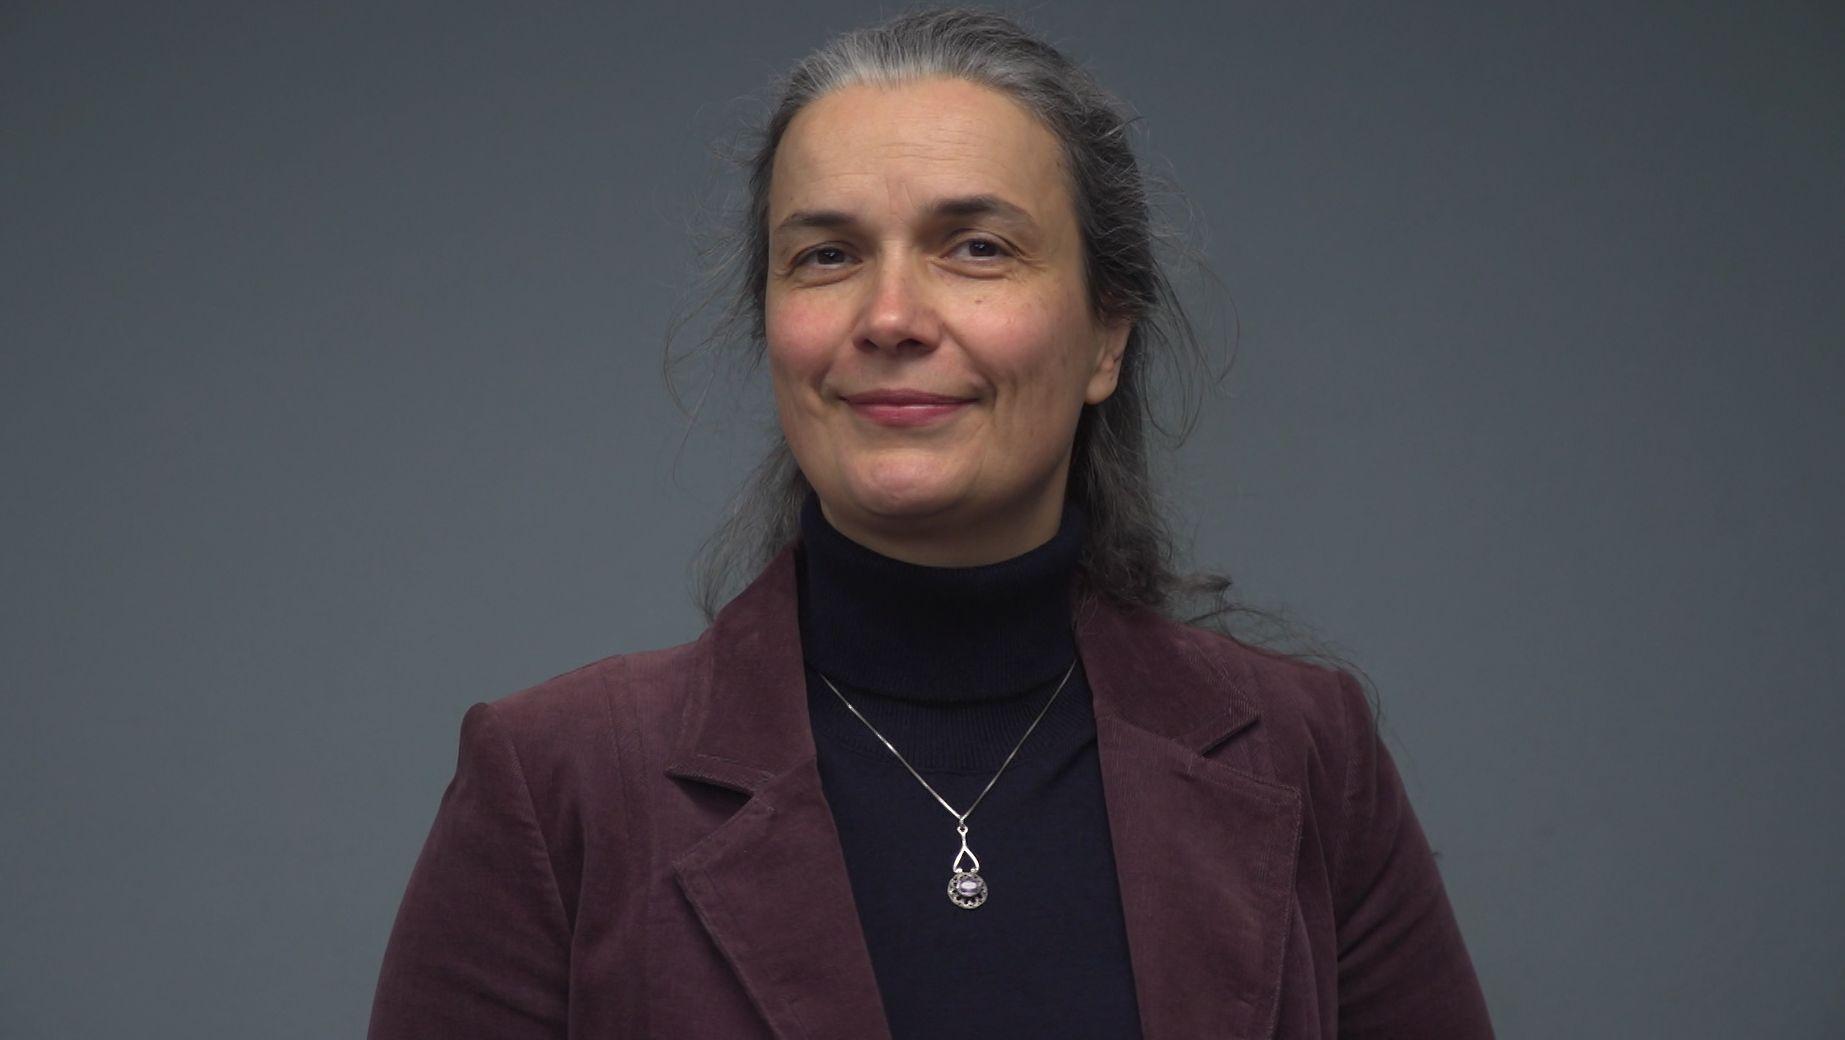 Dagmar Dewald, OB-Kandidatin der ÖDP in Würzburg